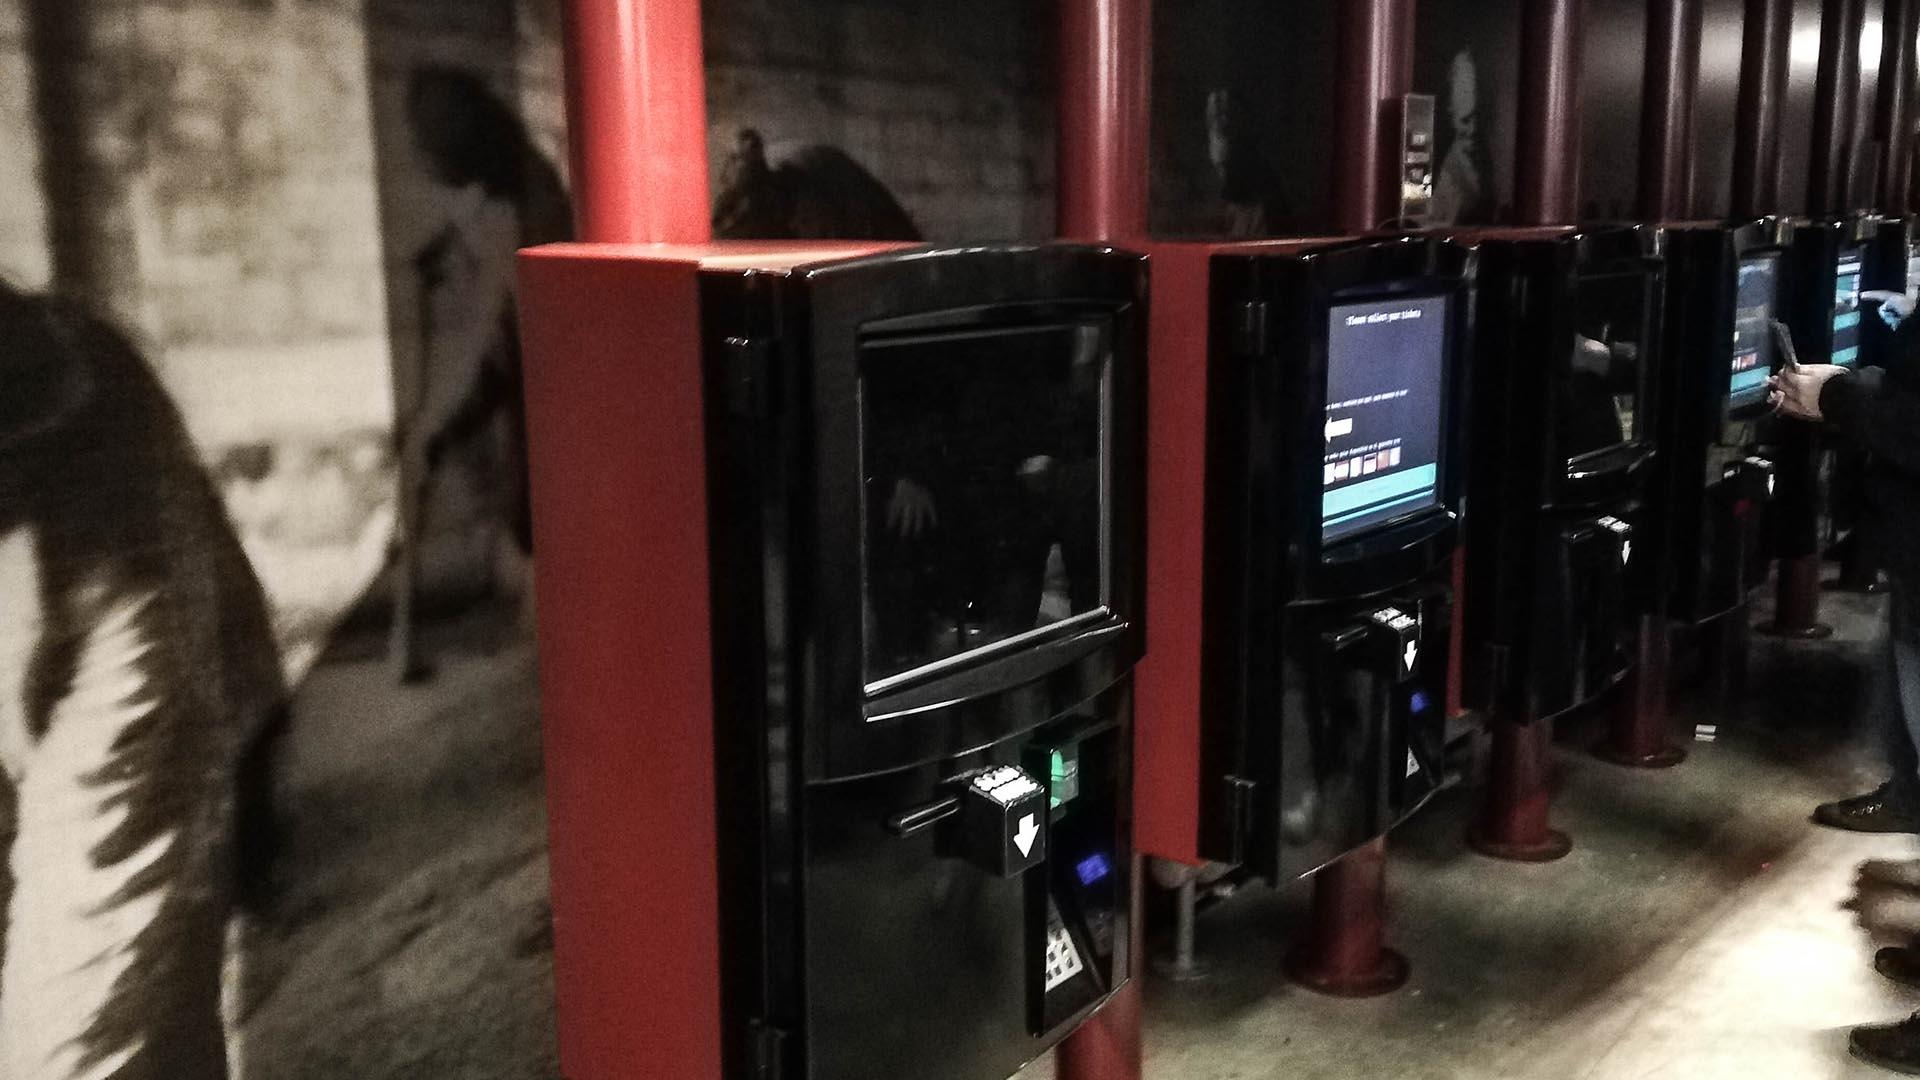 Máquinas para imprimir los tickets online, Guinness Storehouse, Dublín, Irlanda